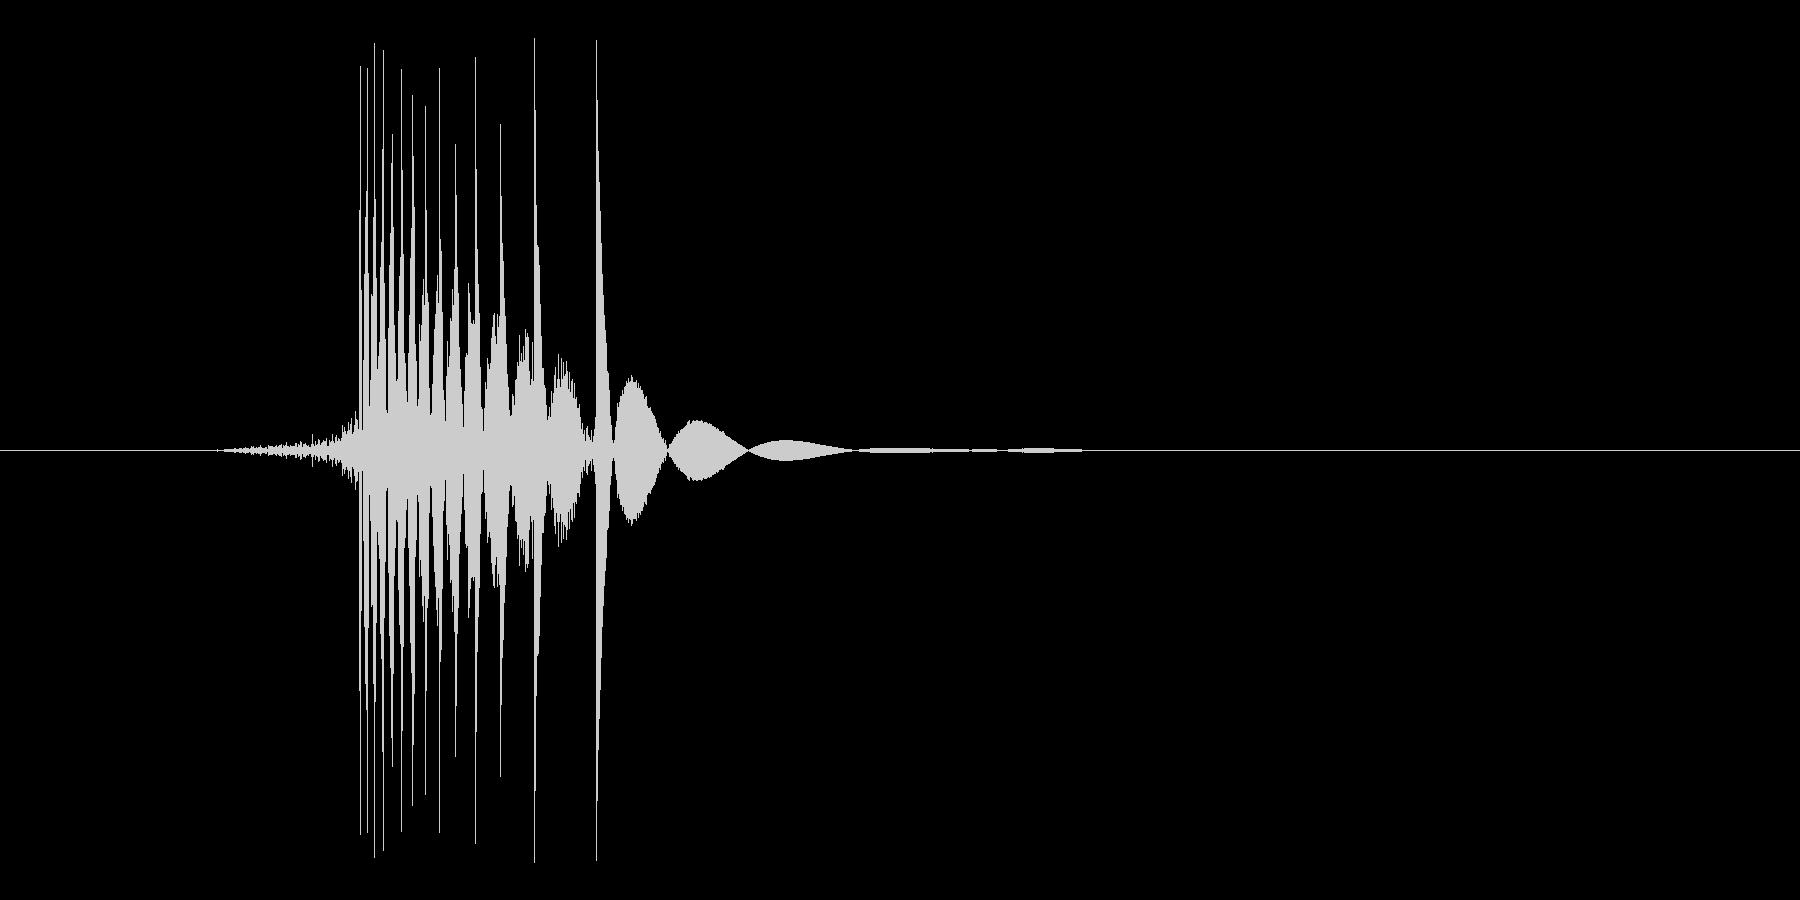 ゲーム(ファミコン風)ヒット音_024の未再生の波形